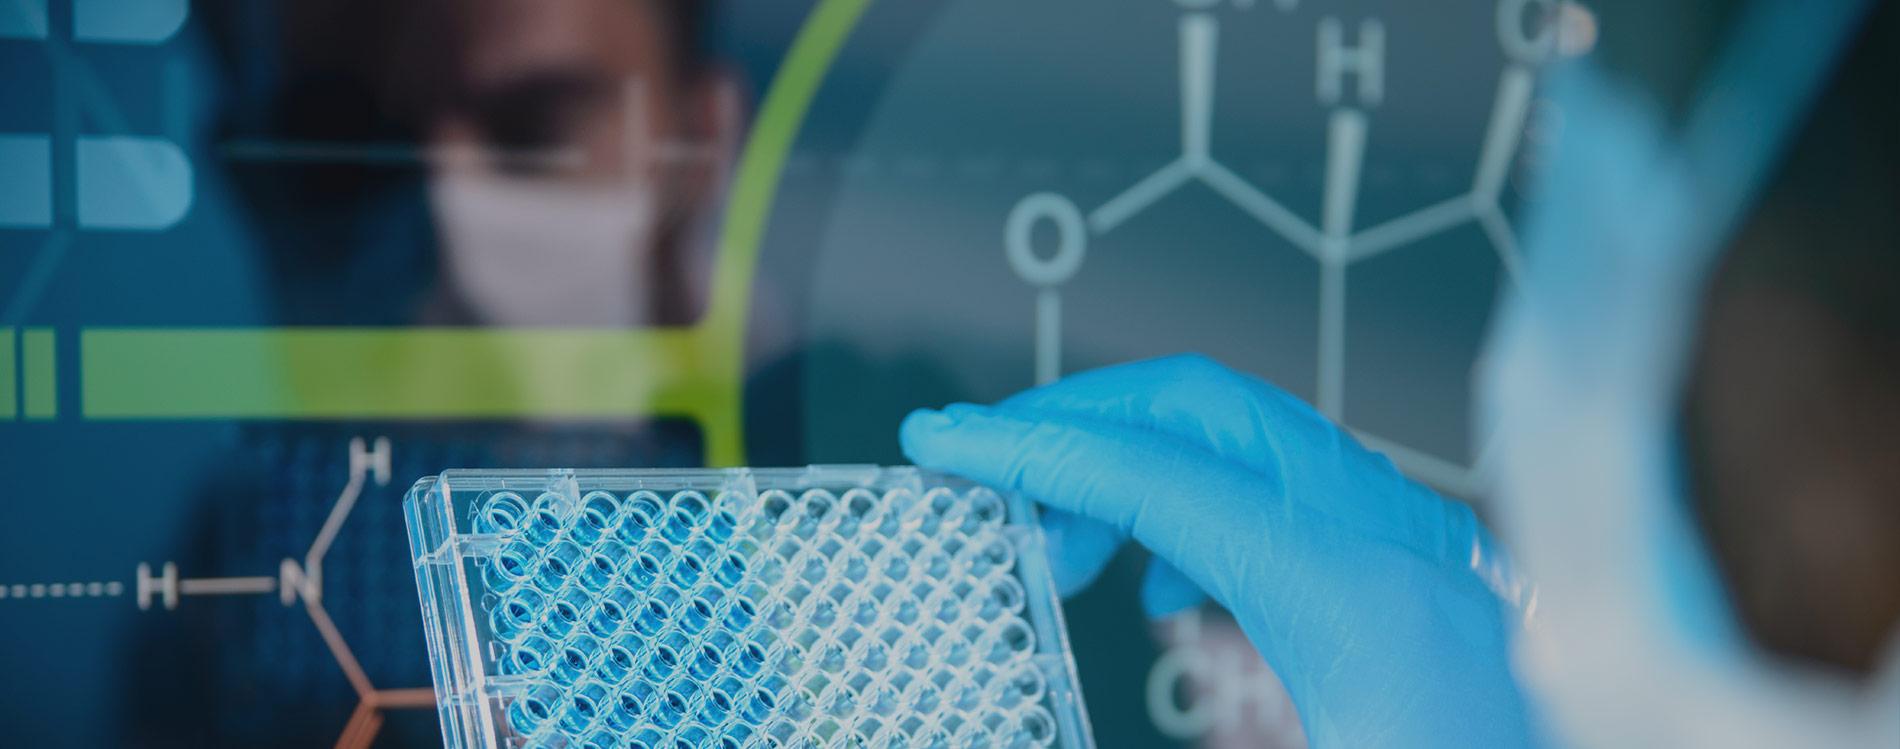 Beta Pharma Scientific Inc